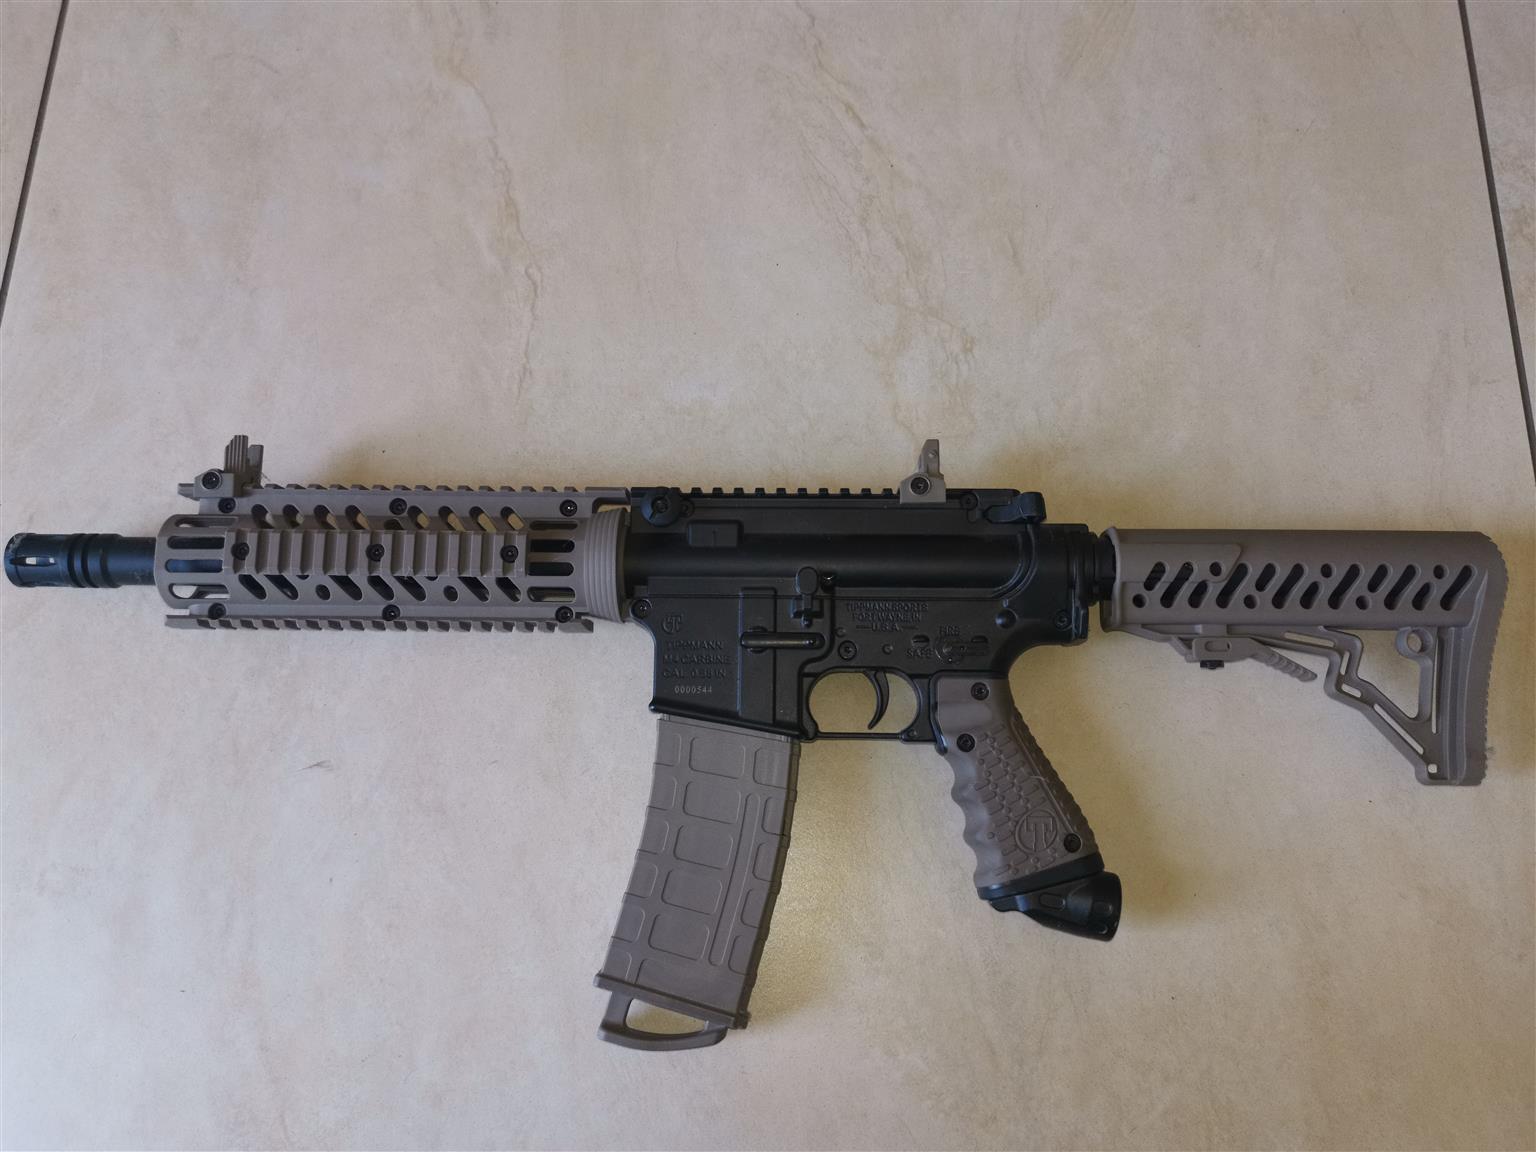 Tippmann M4 paint ball gun